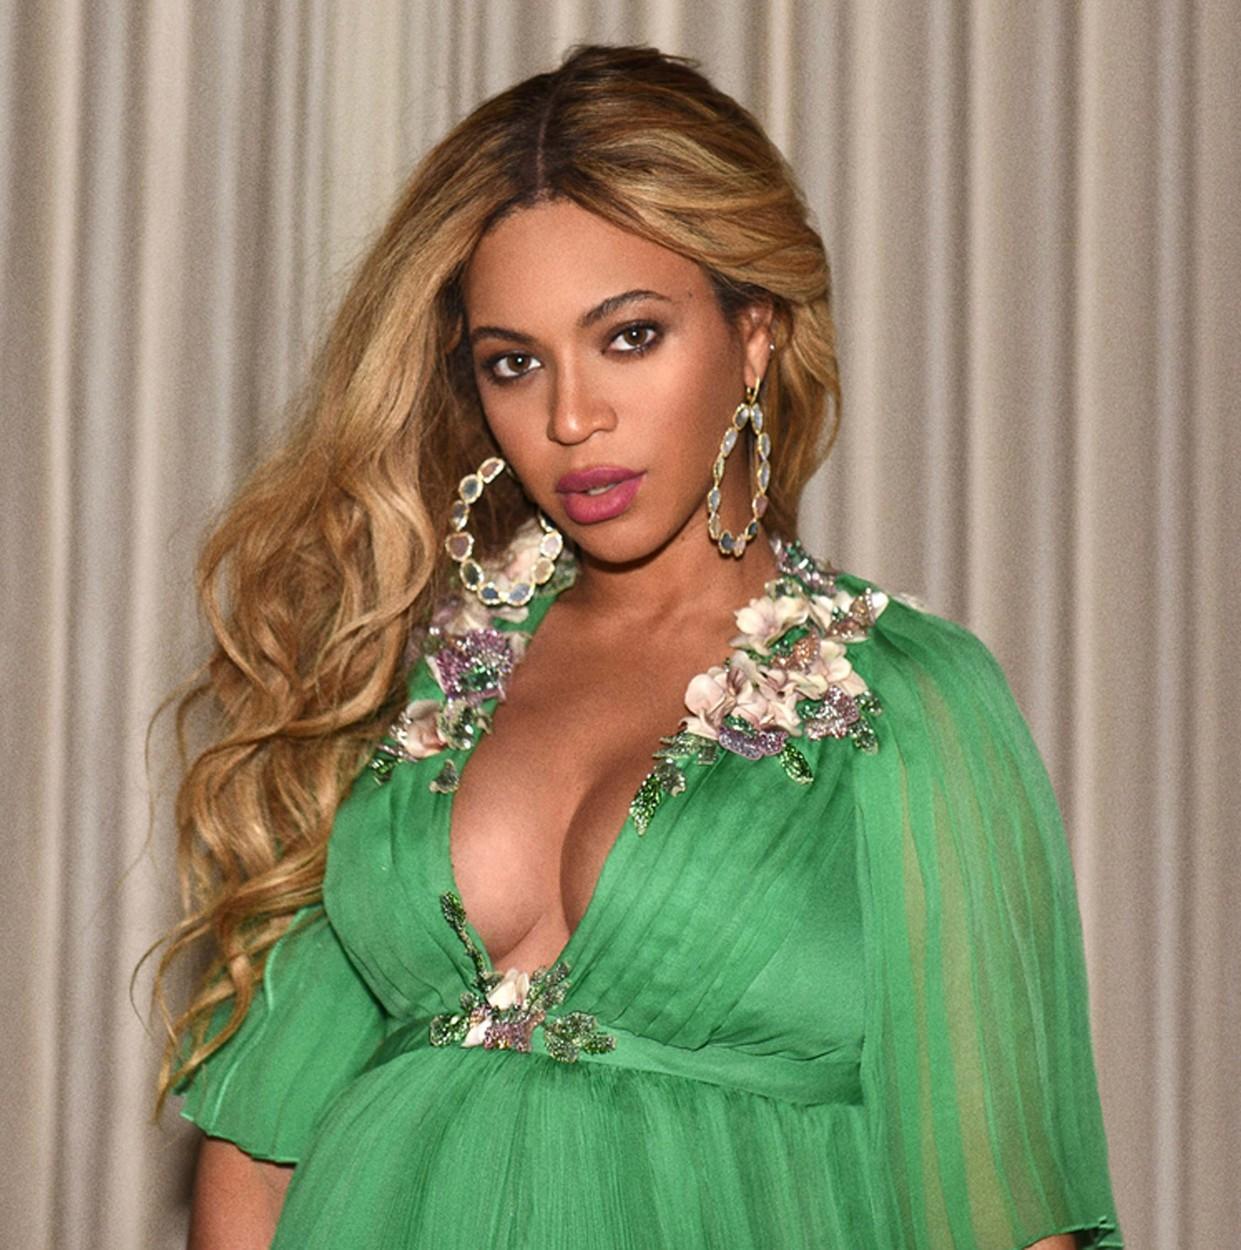 9e9fcd9419a6e Premiéra filmu Kráska a zviera: Tehotná Beyoncé zažiarila v týchto ...